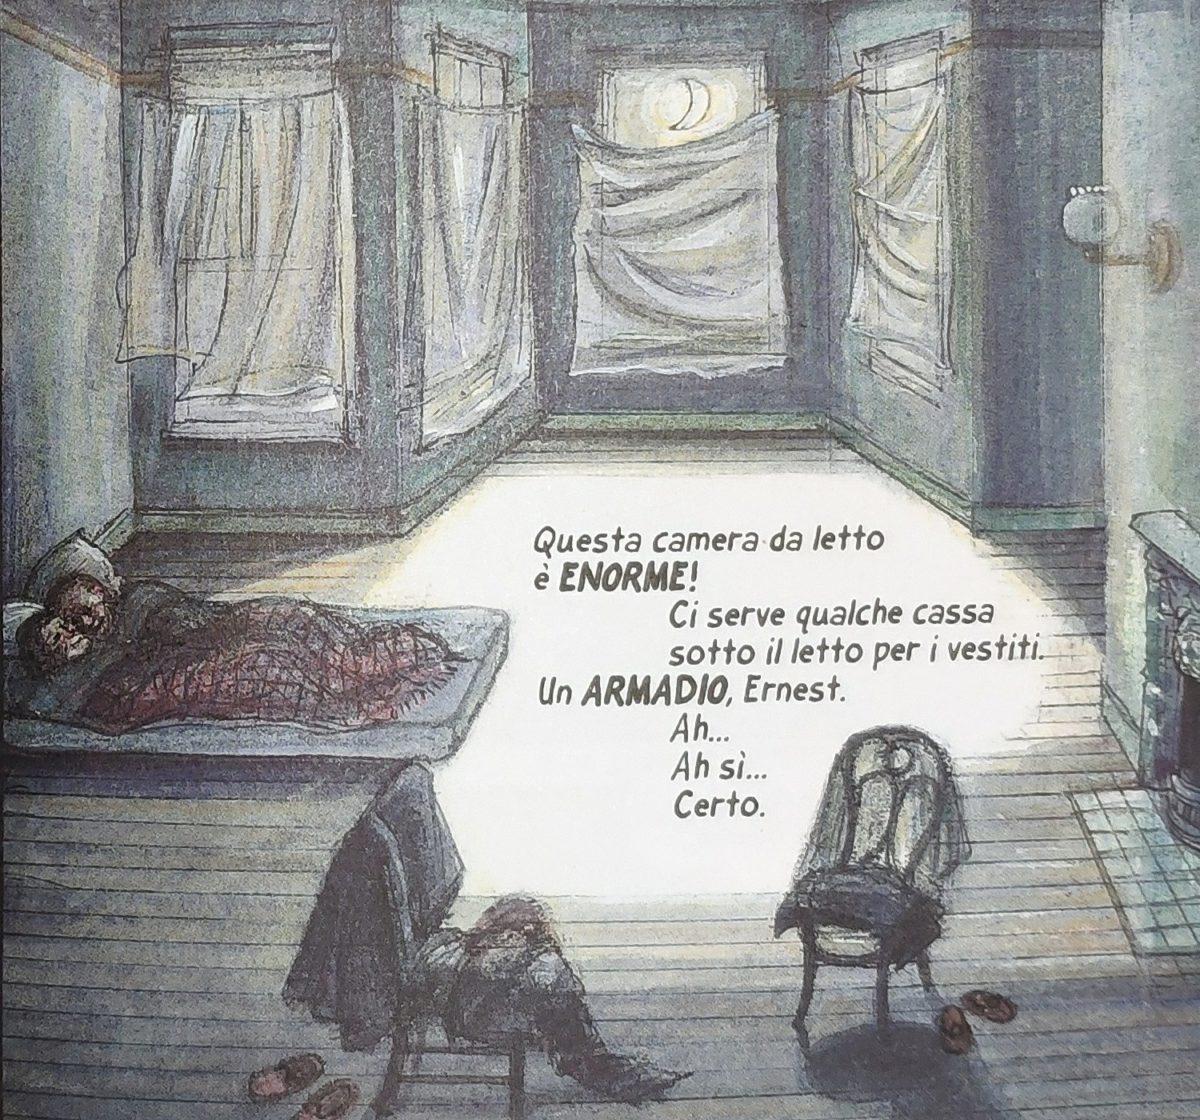 Mio caro fumetto...- La prima notte insieme nella casa vuota